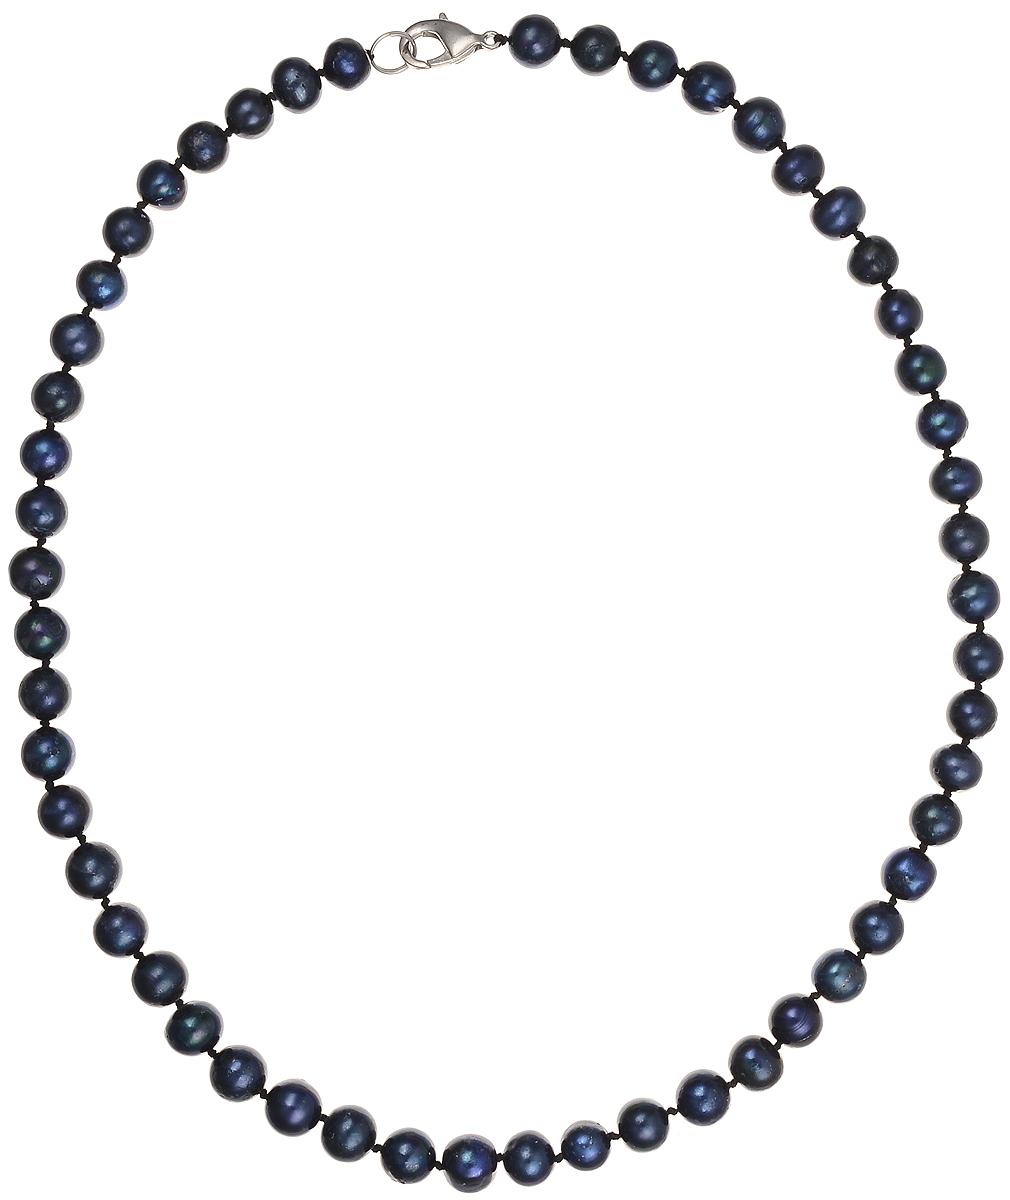 Бусы Art-Silver, цвет: синий, длина 45 см. КЖ8-9А45-378Колье (короткие одноярусные бусы)Бусы Art-Silver подчеркнут изящество и непревзойденный вкус своей обладательницы. Они выполнены из бижутерного сплава и культивированного жемчуга диаметром 8 мм.Изделие оснащено удобным замком-карабином.Культивированный жемчуг - это практичный аналог природного жемчуга. Бусинки из прессованных раковин помещаются внутрь устрицы и возвращаются в воду. Когда бусины покрываются перламутром, их извлекают из моллюска. Форма жемчужины получается идеально ровной с приятным матовым блеском.